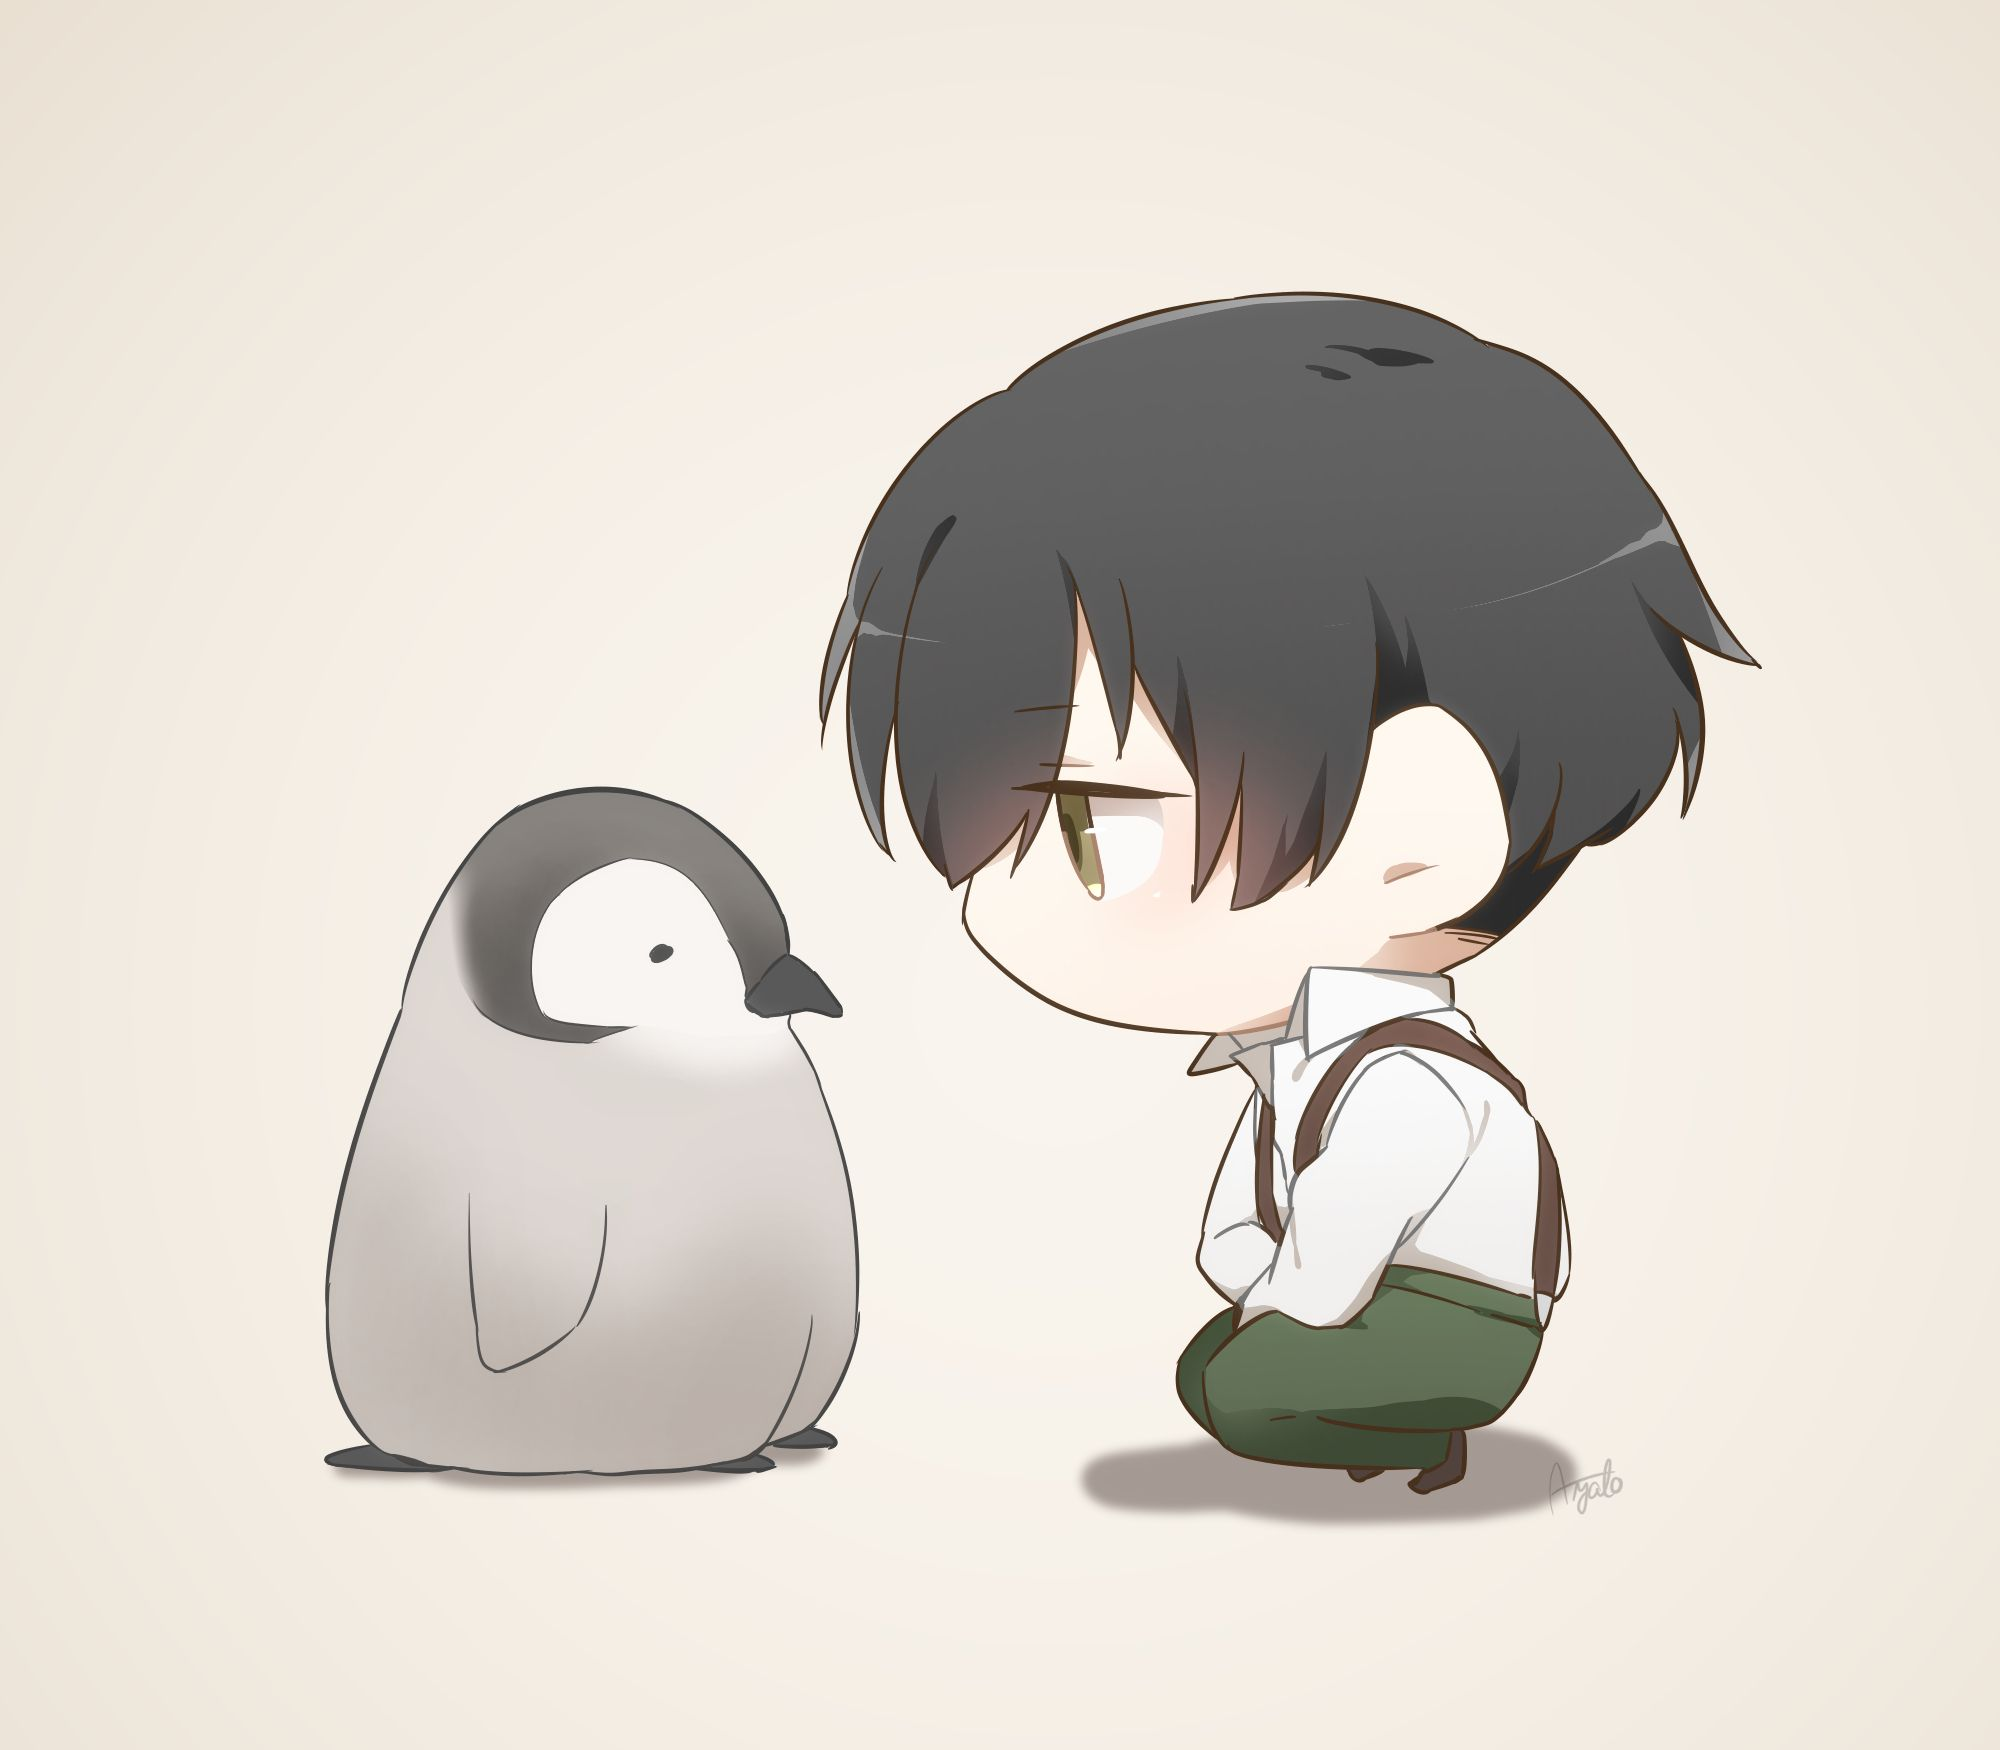 Ảnh anime chibi boy dễ thương